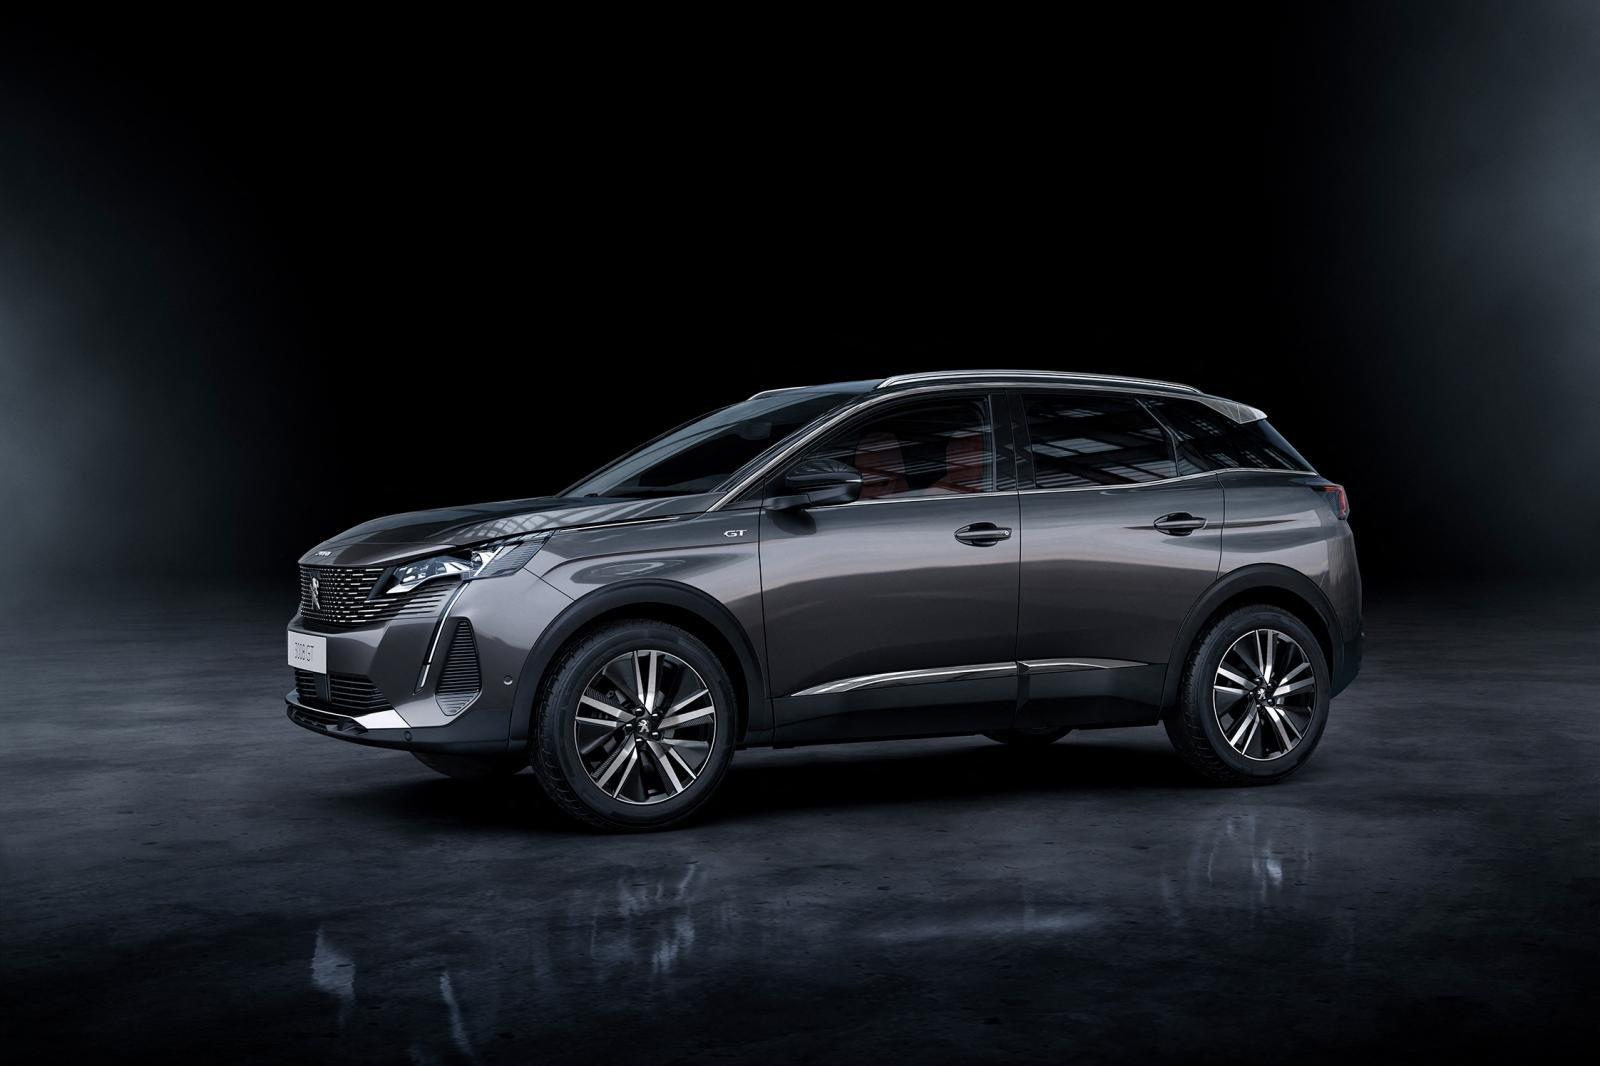 Đánh giá xe Peugeot 3008 2021 về thiết kế thân xe.